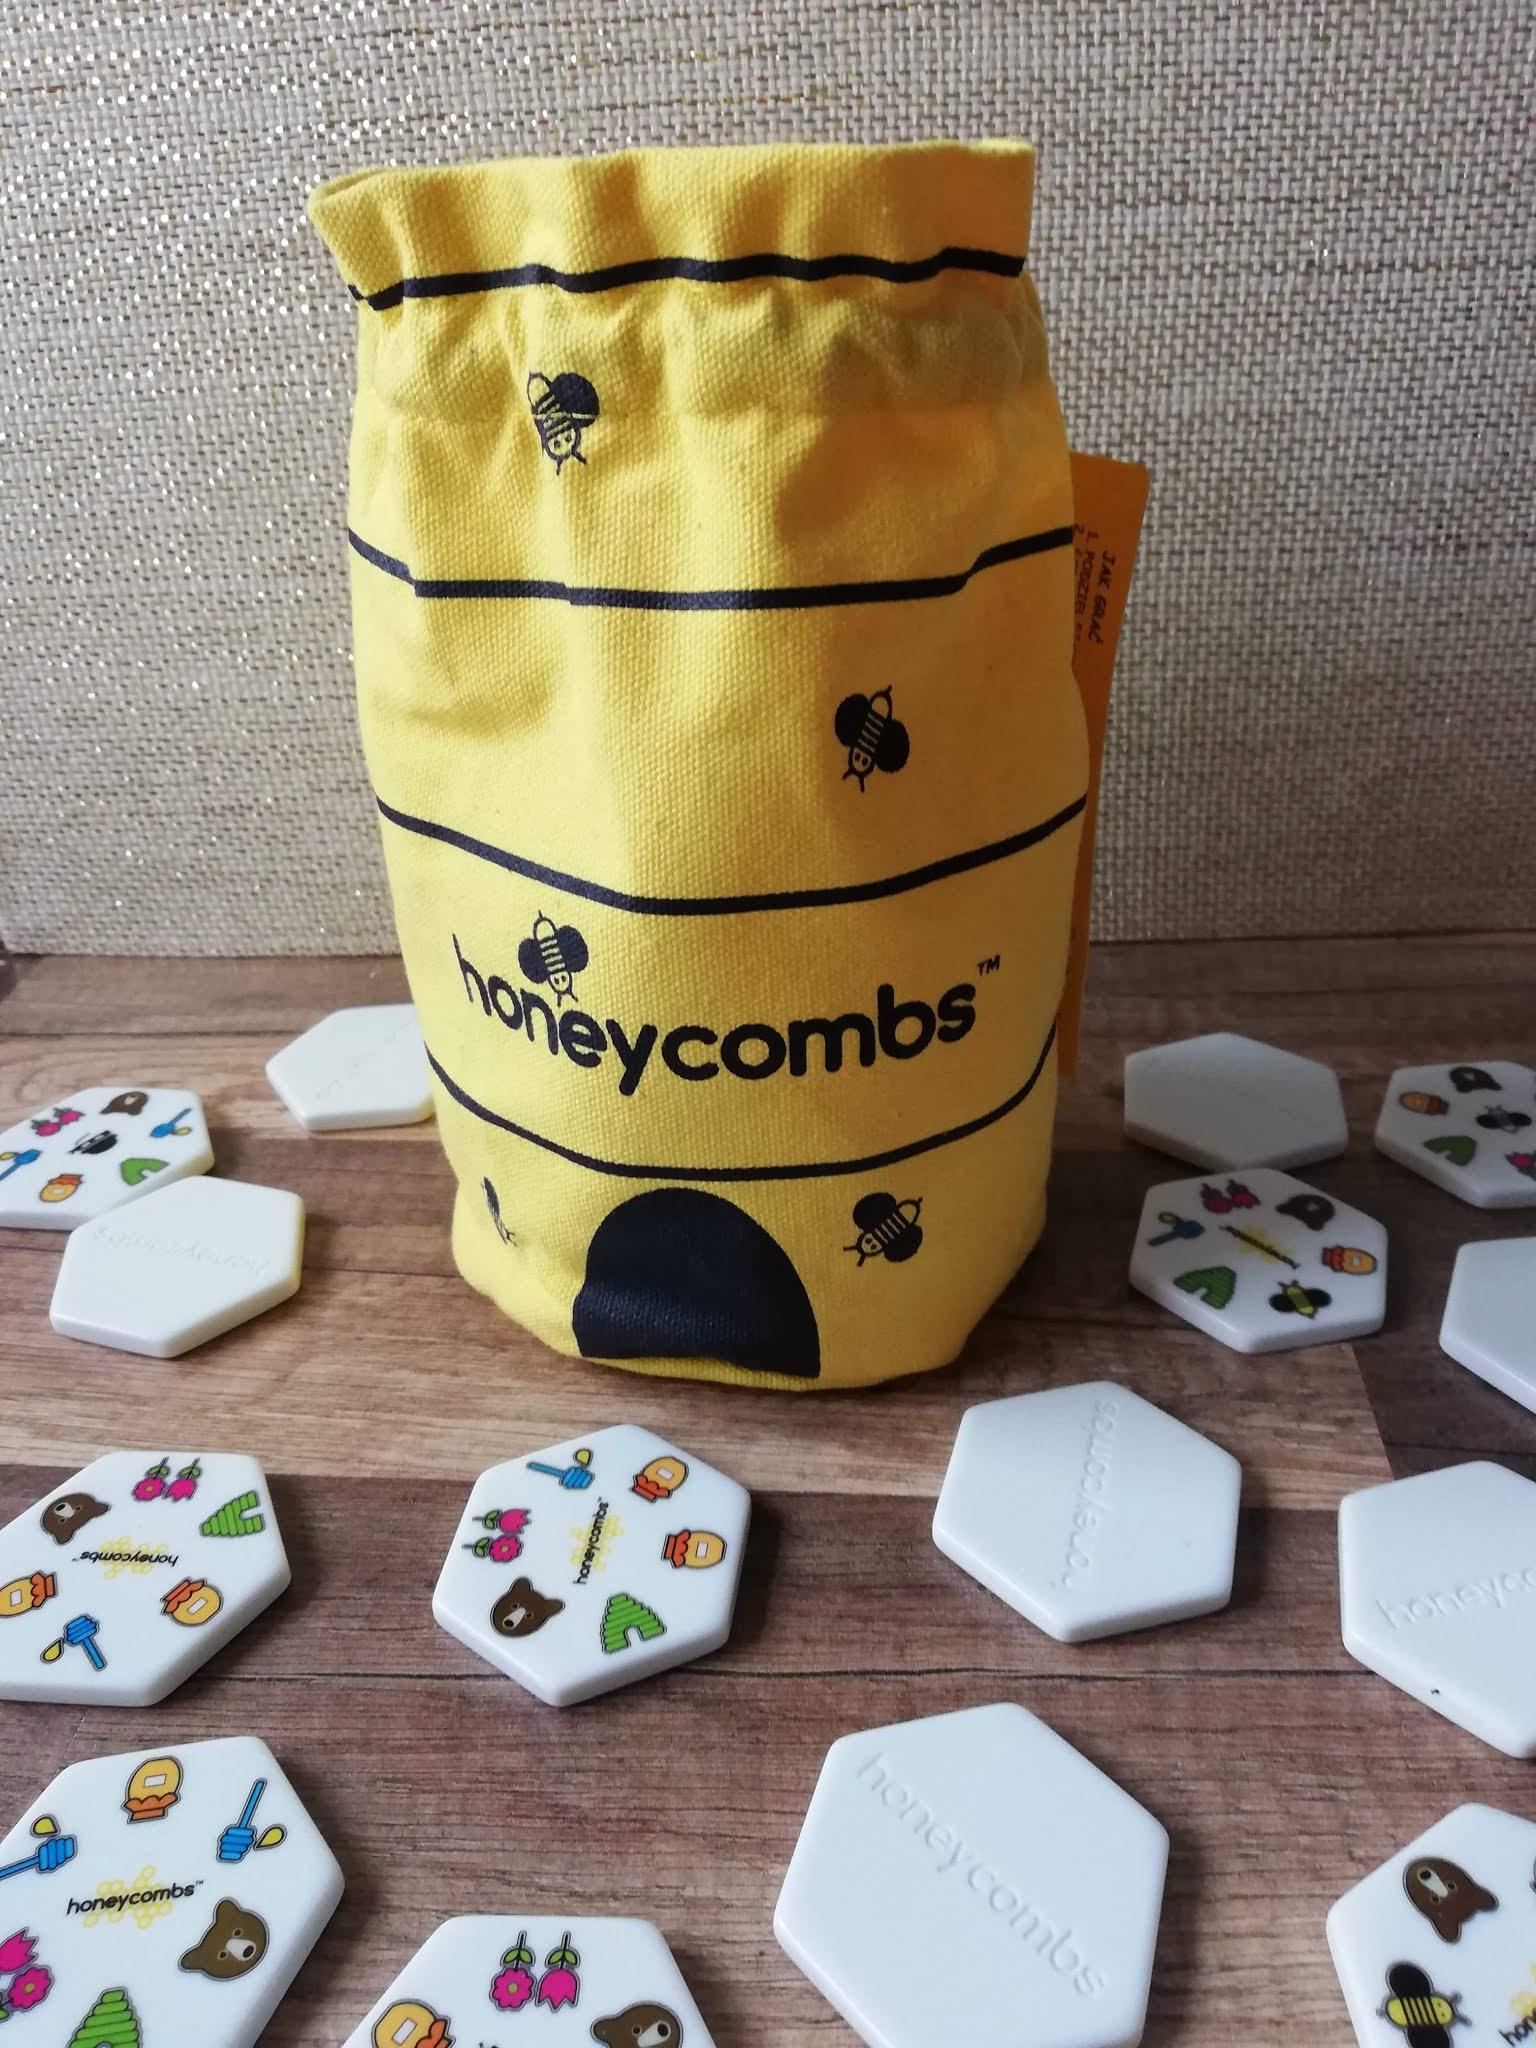 Recenzja gry Honeycombs